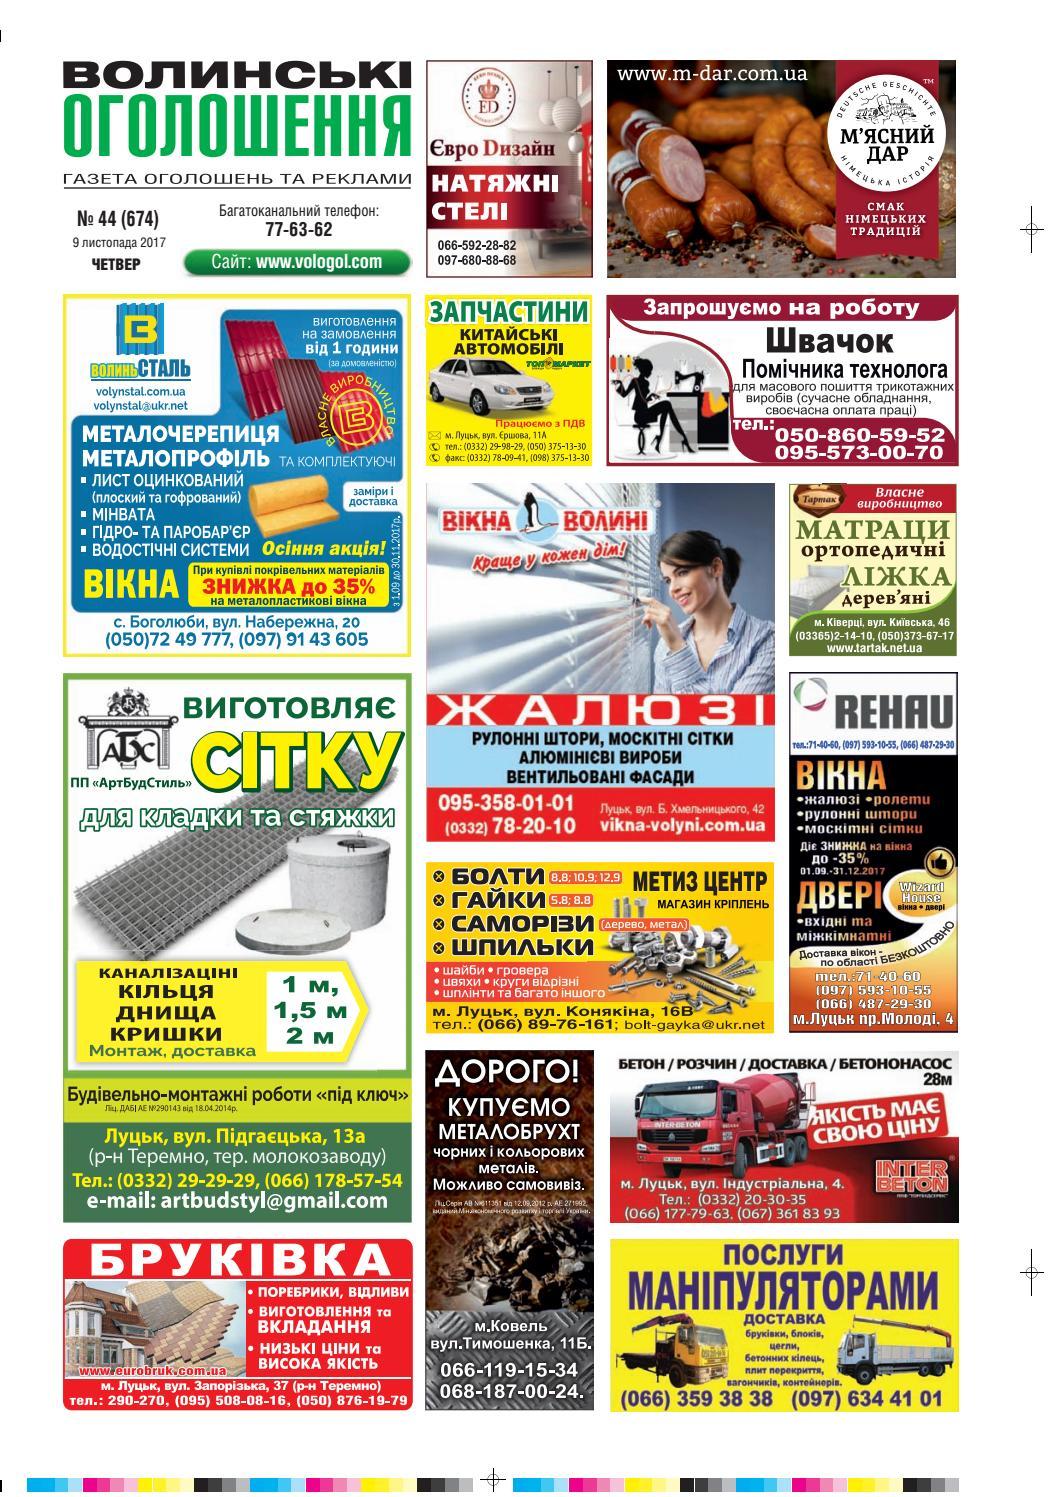 Волинські оголошення  44 (674) by Марк-Медіа - issuu c4851e55093c2